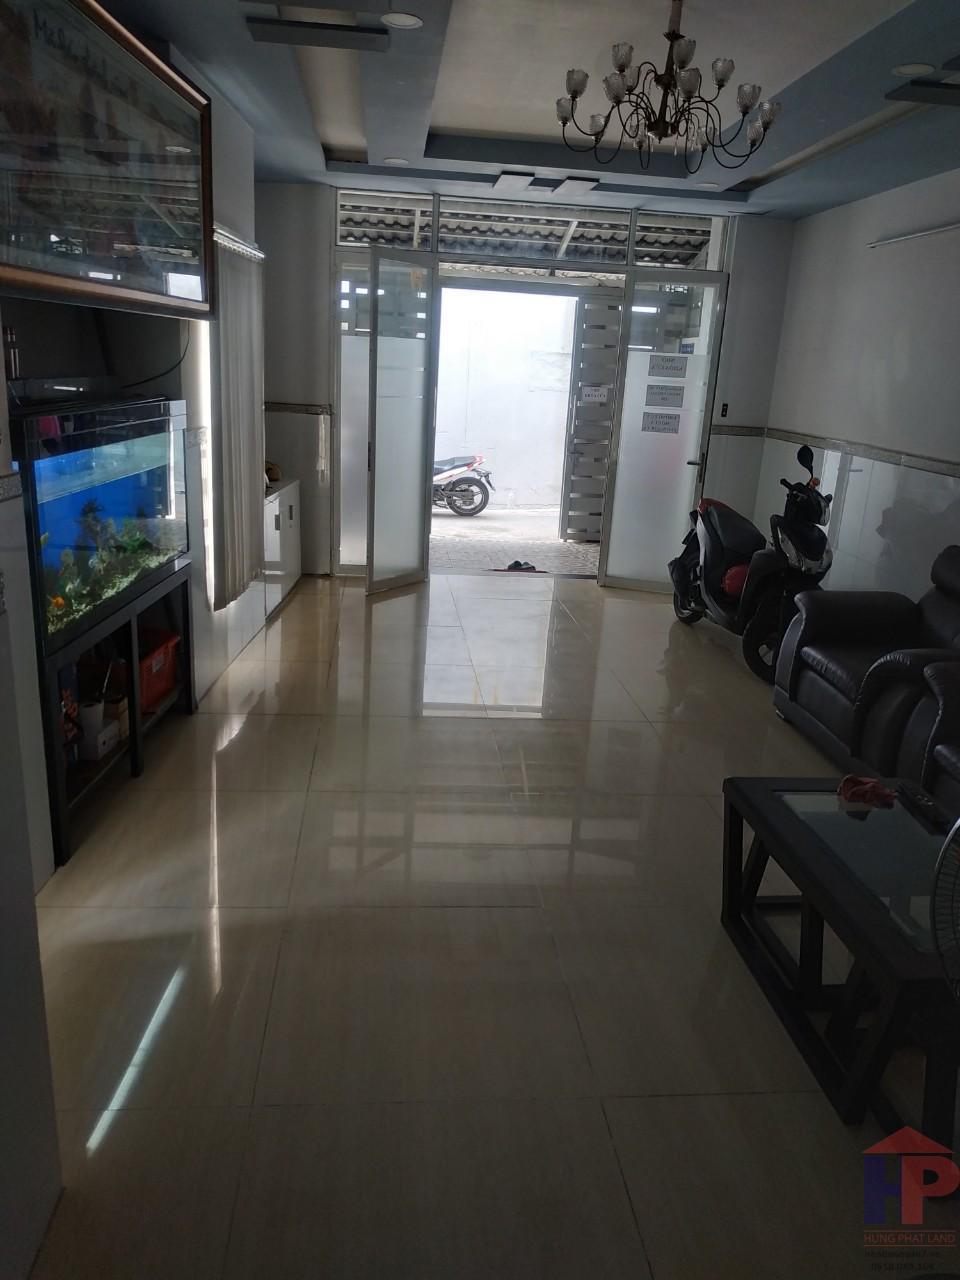 Bán nhà hẻm 861 Trần Xuân Soạn Q7, 1 trệt – 2 lầu, DT 15.29 x 4.2m, giá 9 tỷ